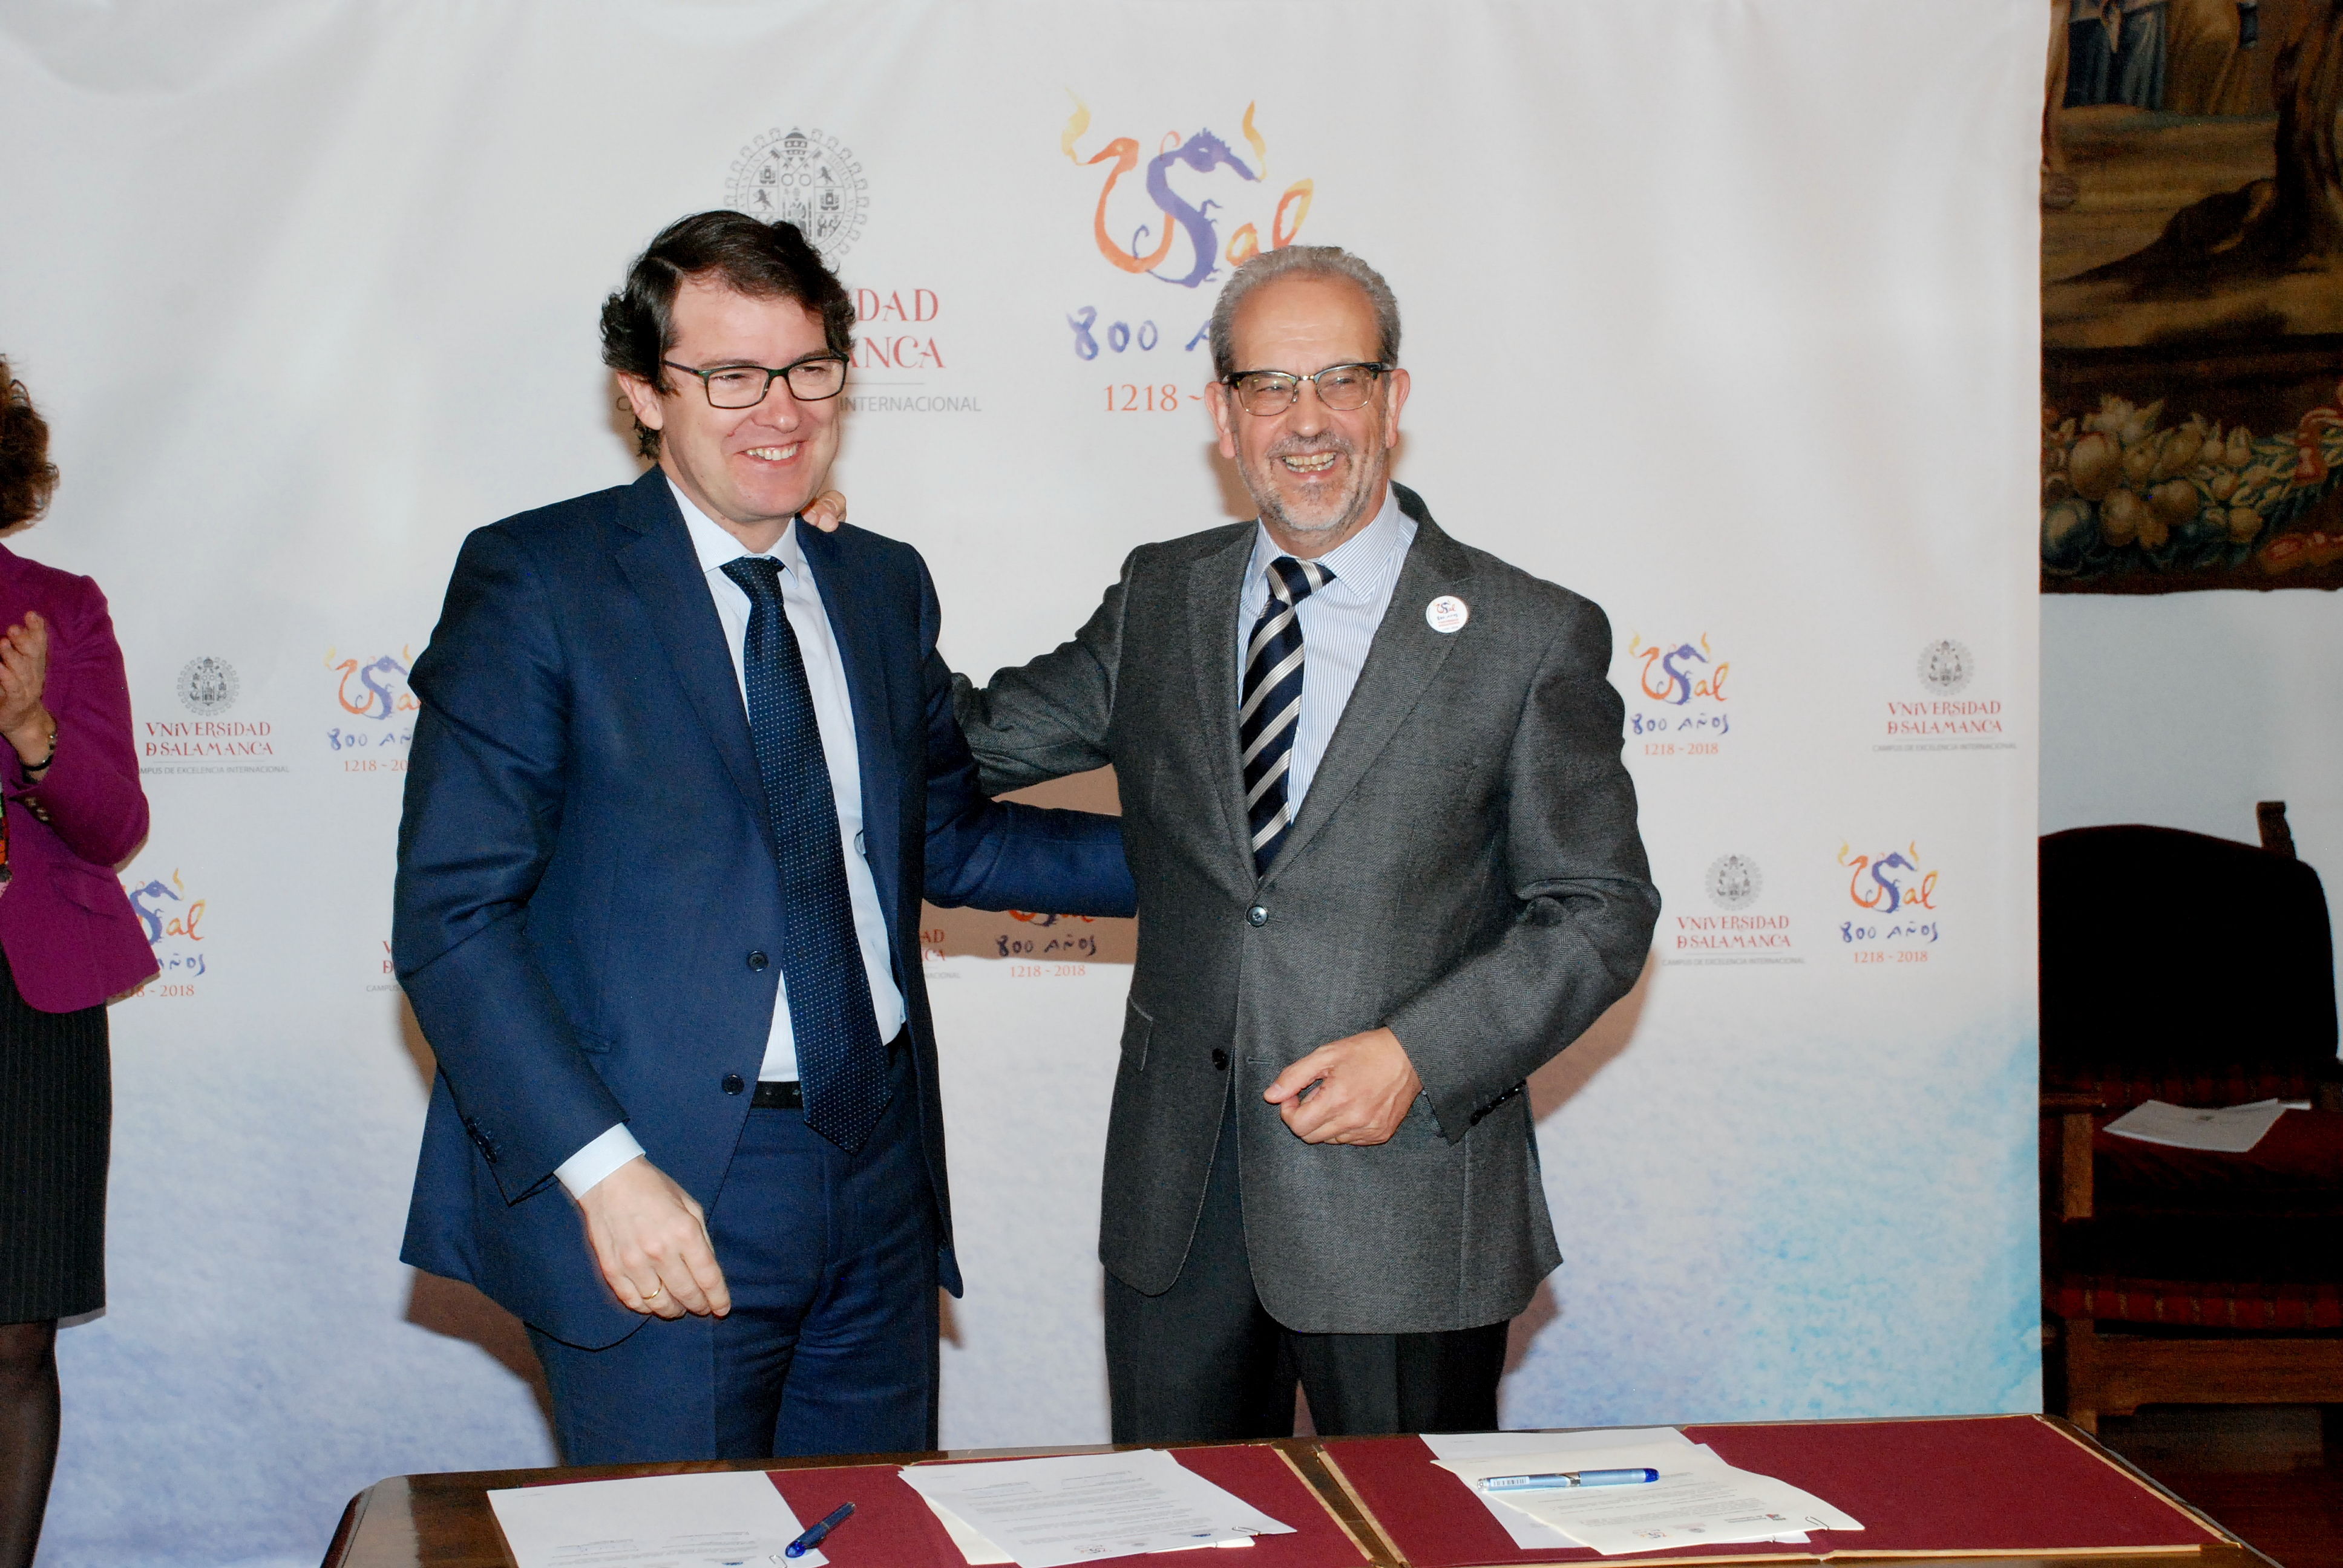 El Ayuntamiento apoya la conmemoración del VIII Centenario de la Universidad de Salamanca a través de diez líneas de actuación